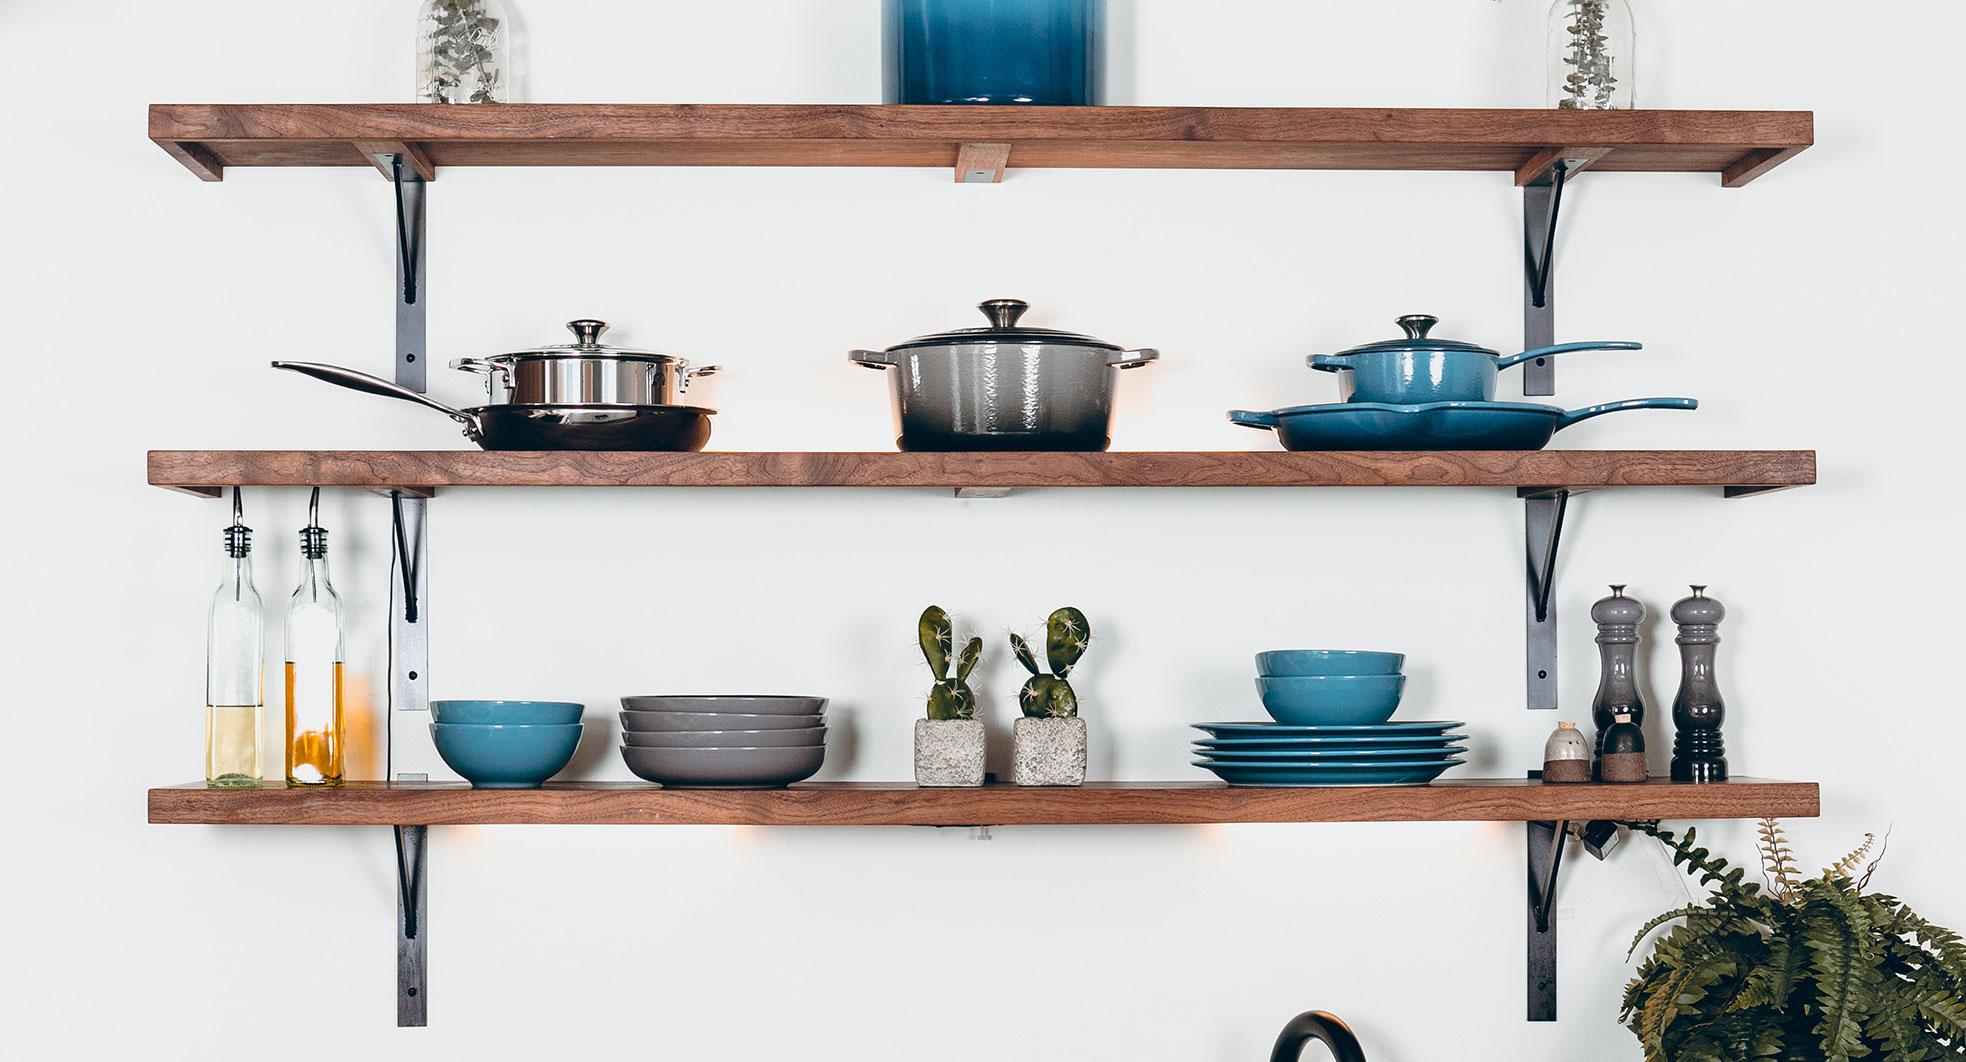 Idee Per La Cucina 7 idee per migliorare la cucina senza spendere una fortuna